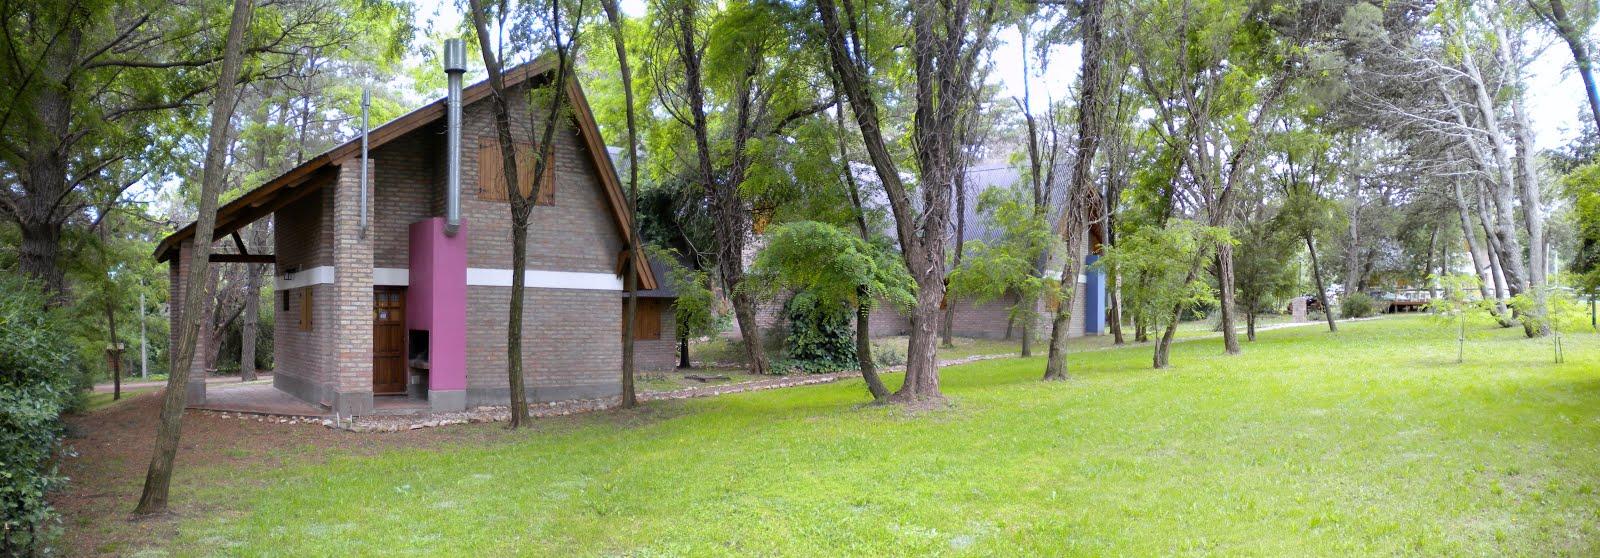 Las cabañas desde el parque